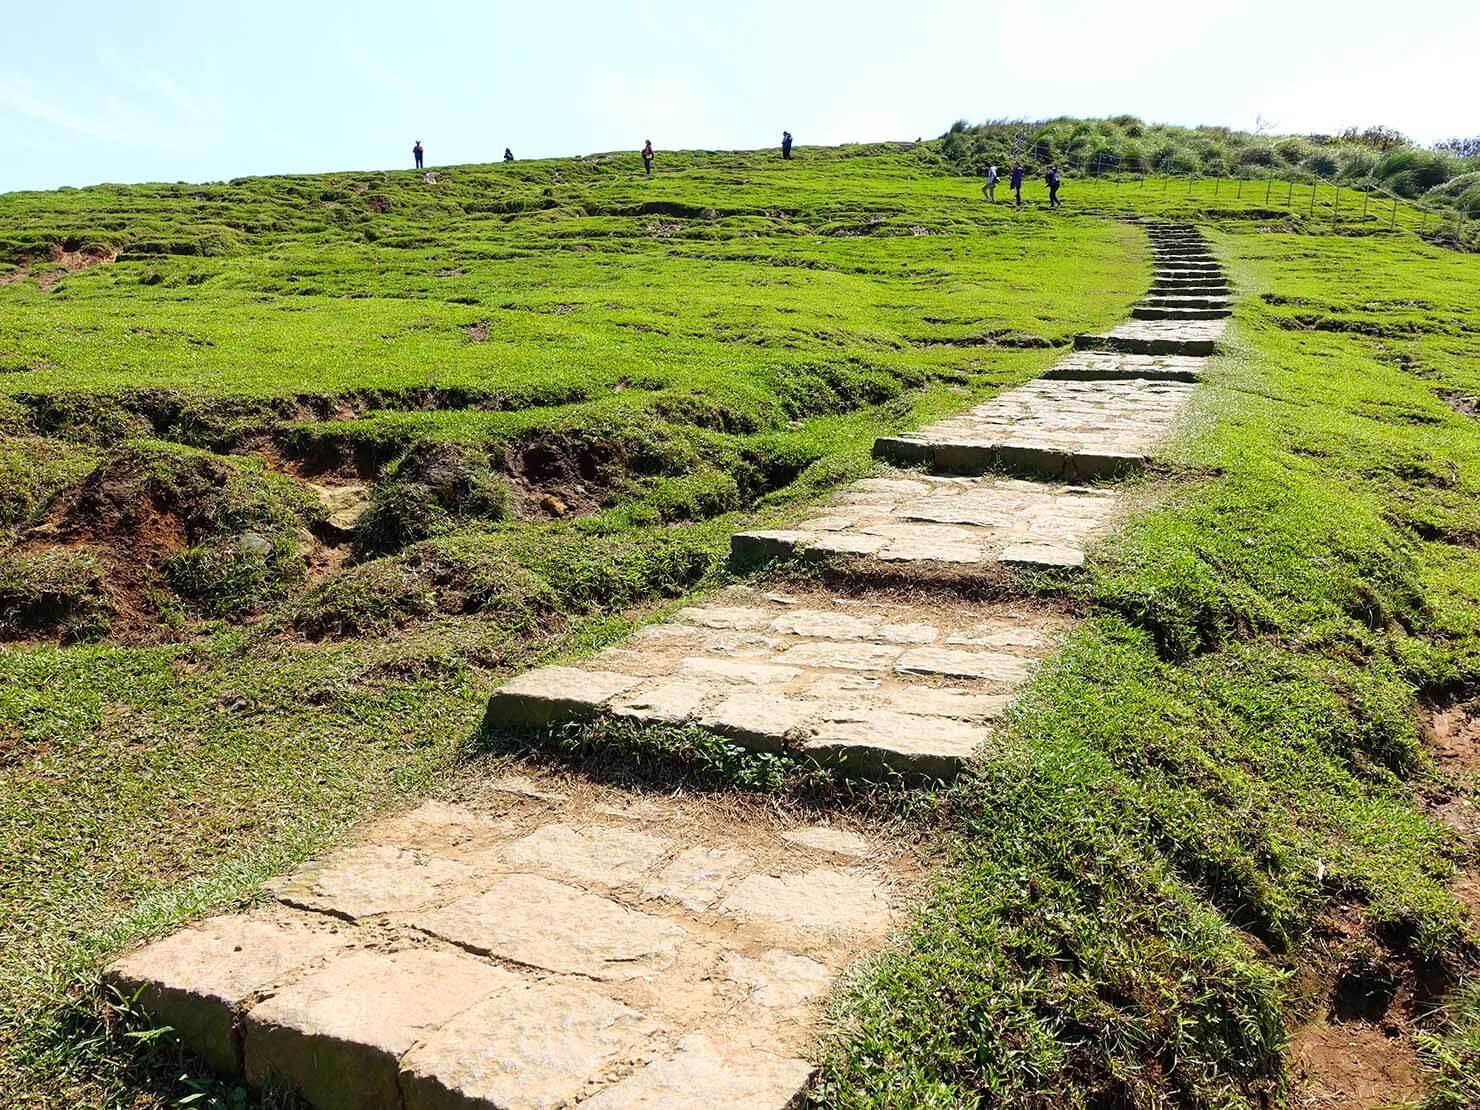 台北・陽明山のおすすめスポット「擎天崗」の草原を伸びる階段